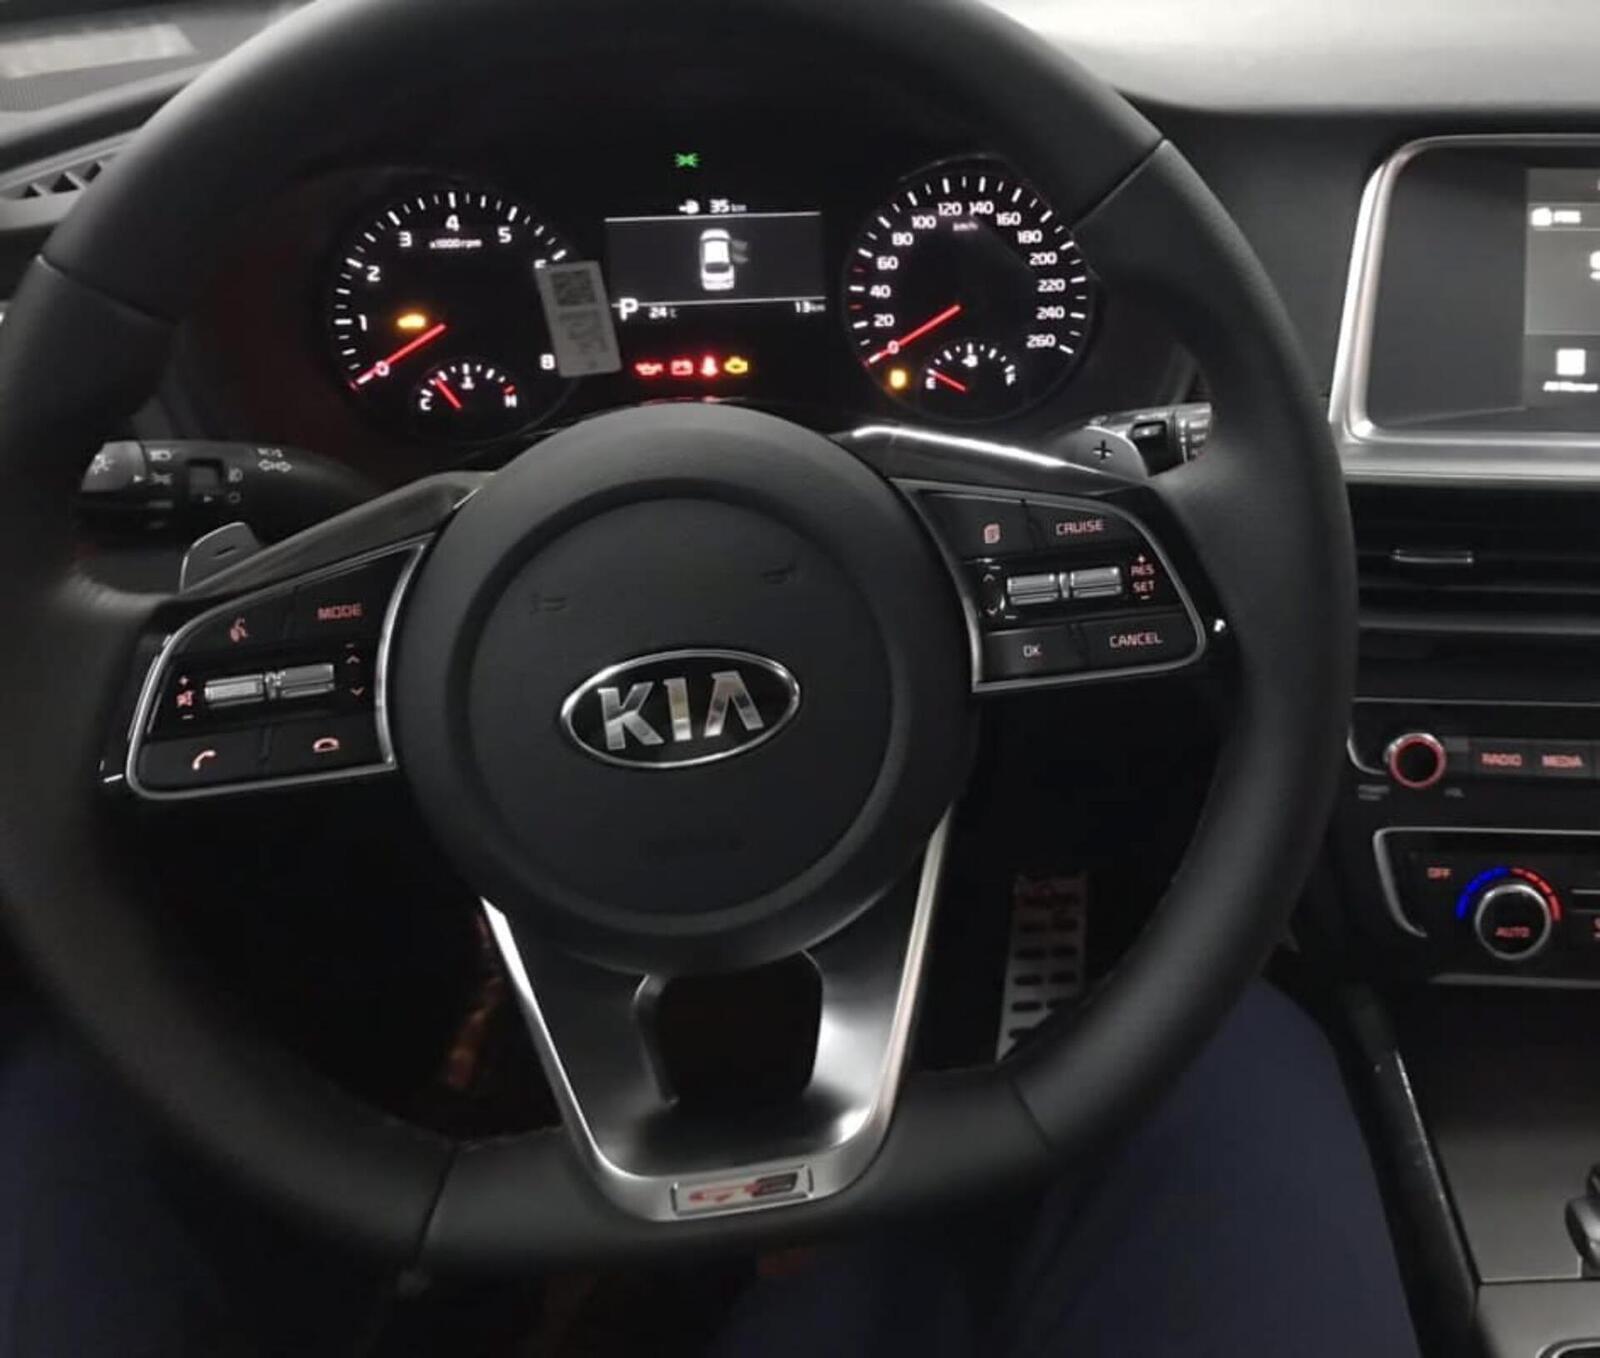 Kia Optima phiên bản nâng cấp facelift mới nhất đã có mặt tại Việt Nam - Hình 5